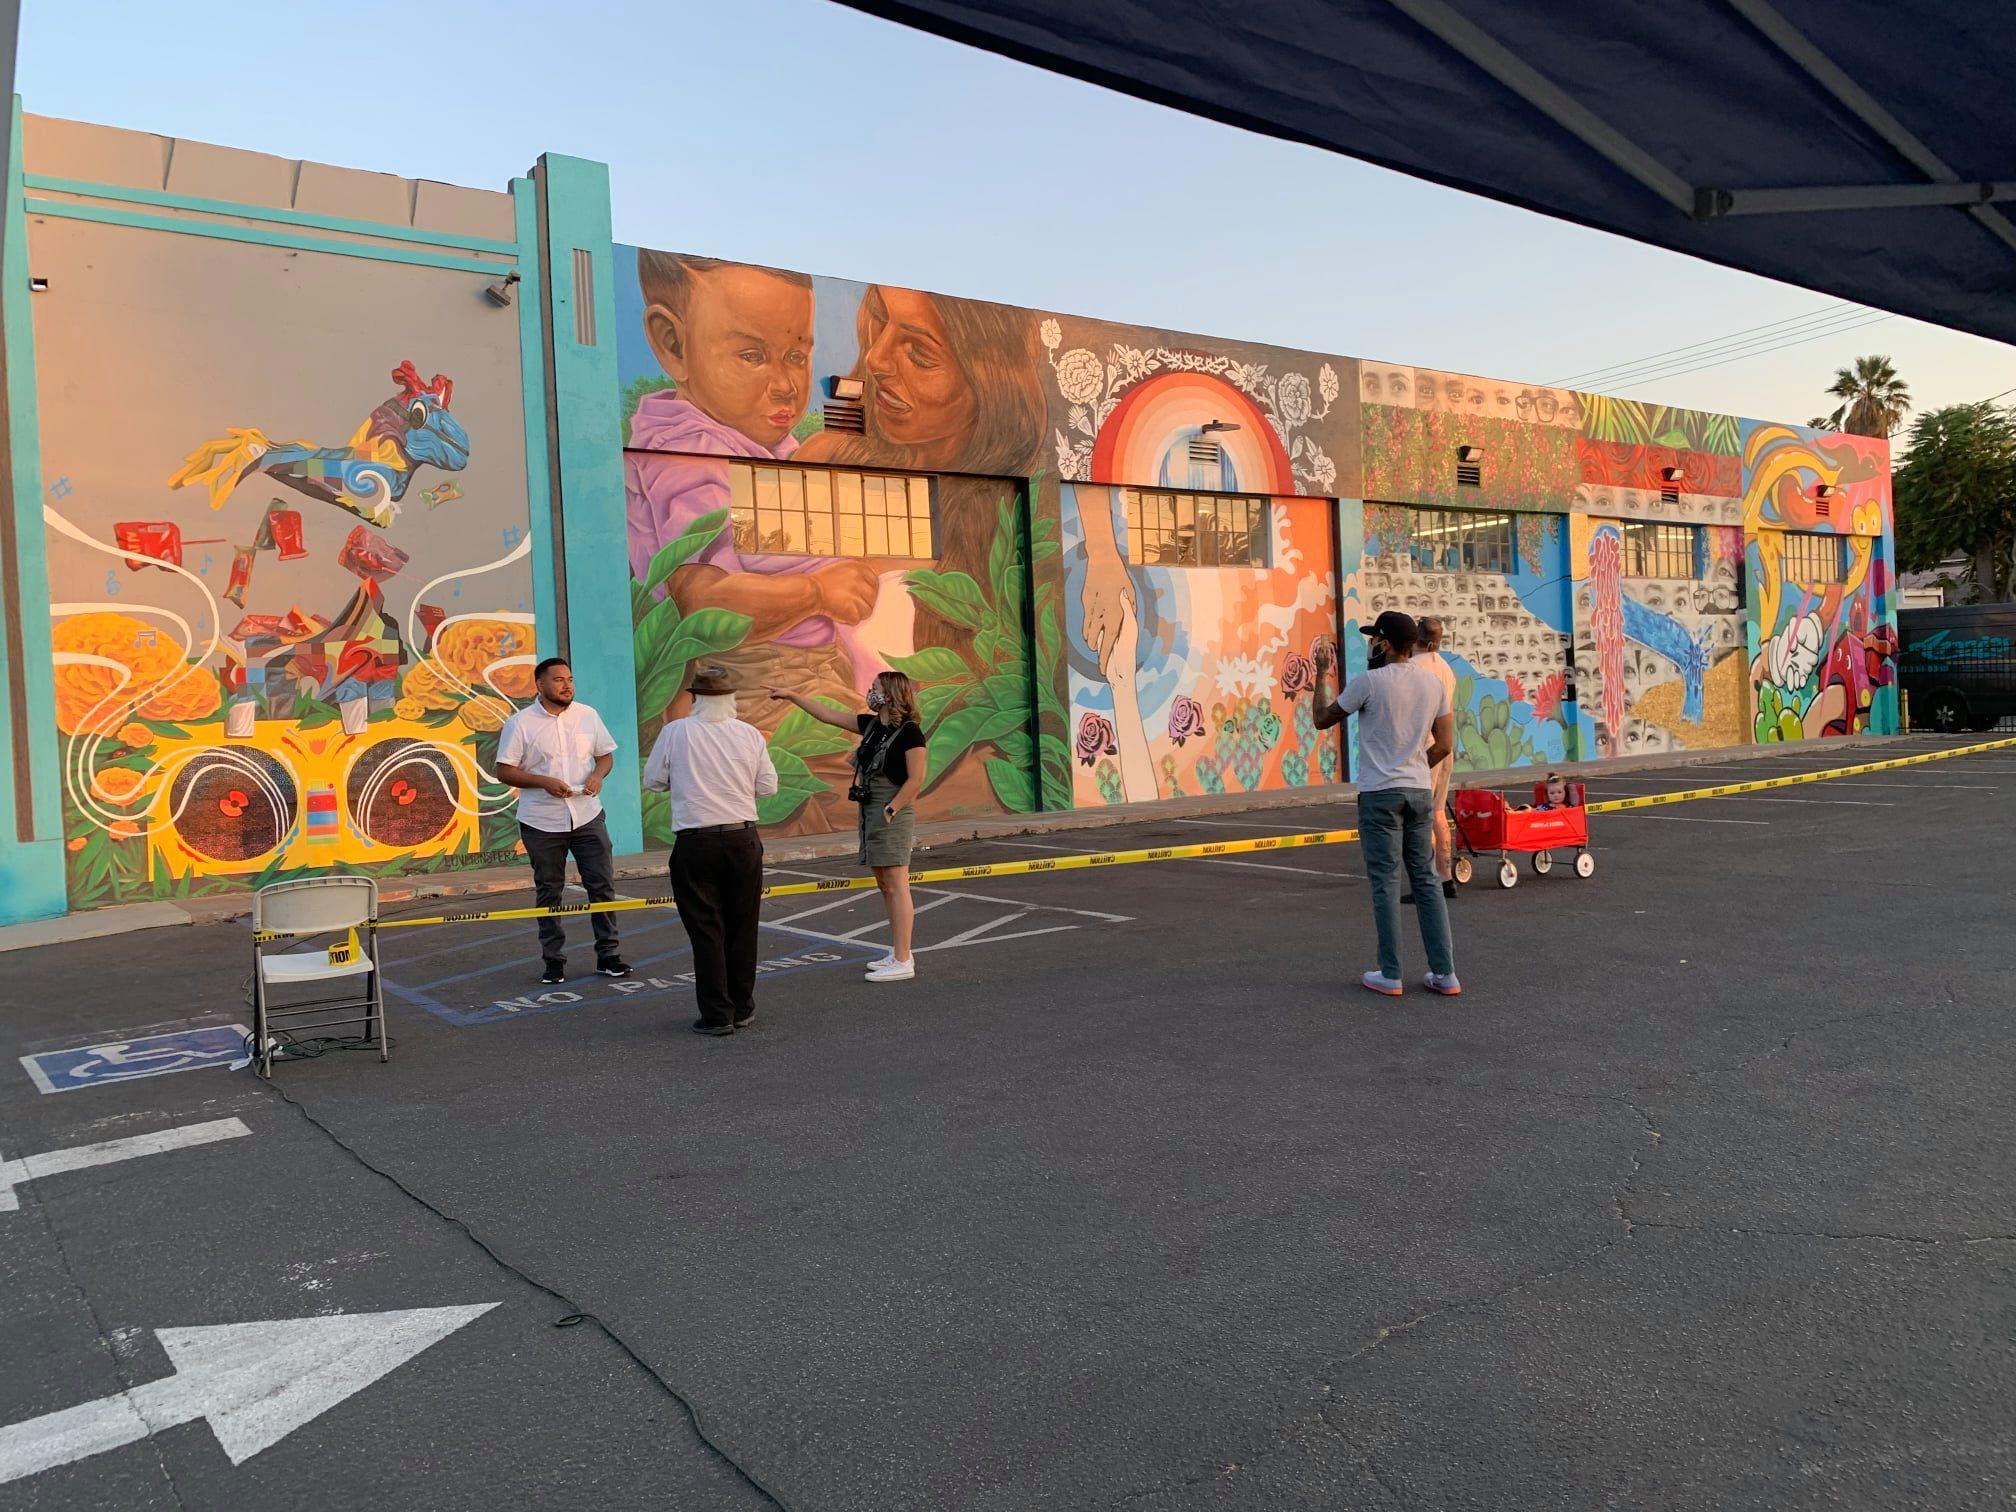 Eastside Artfest Mural Reveal 2020